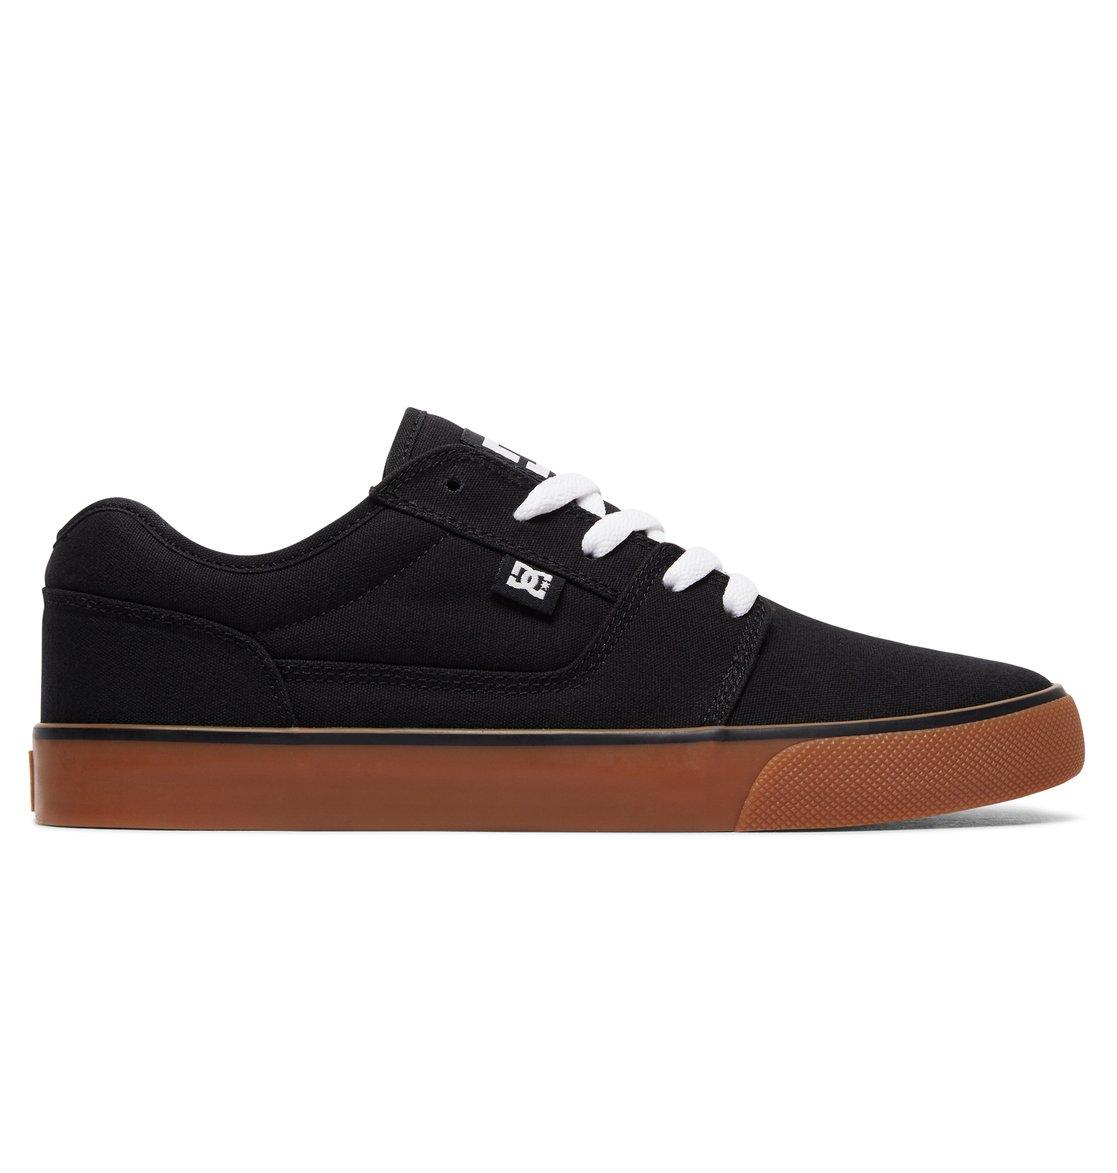 Dc Mens   Shoes